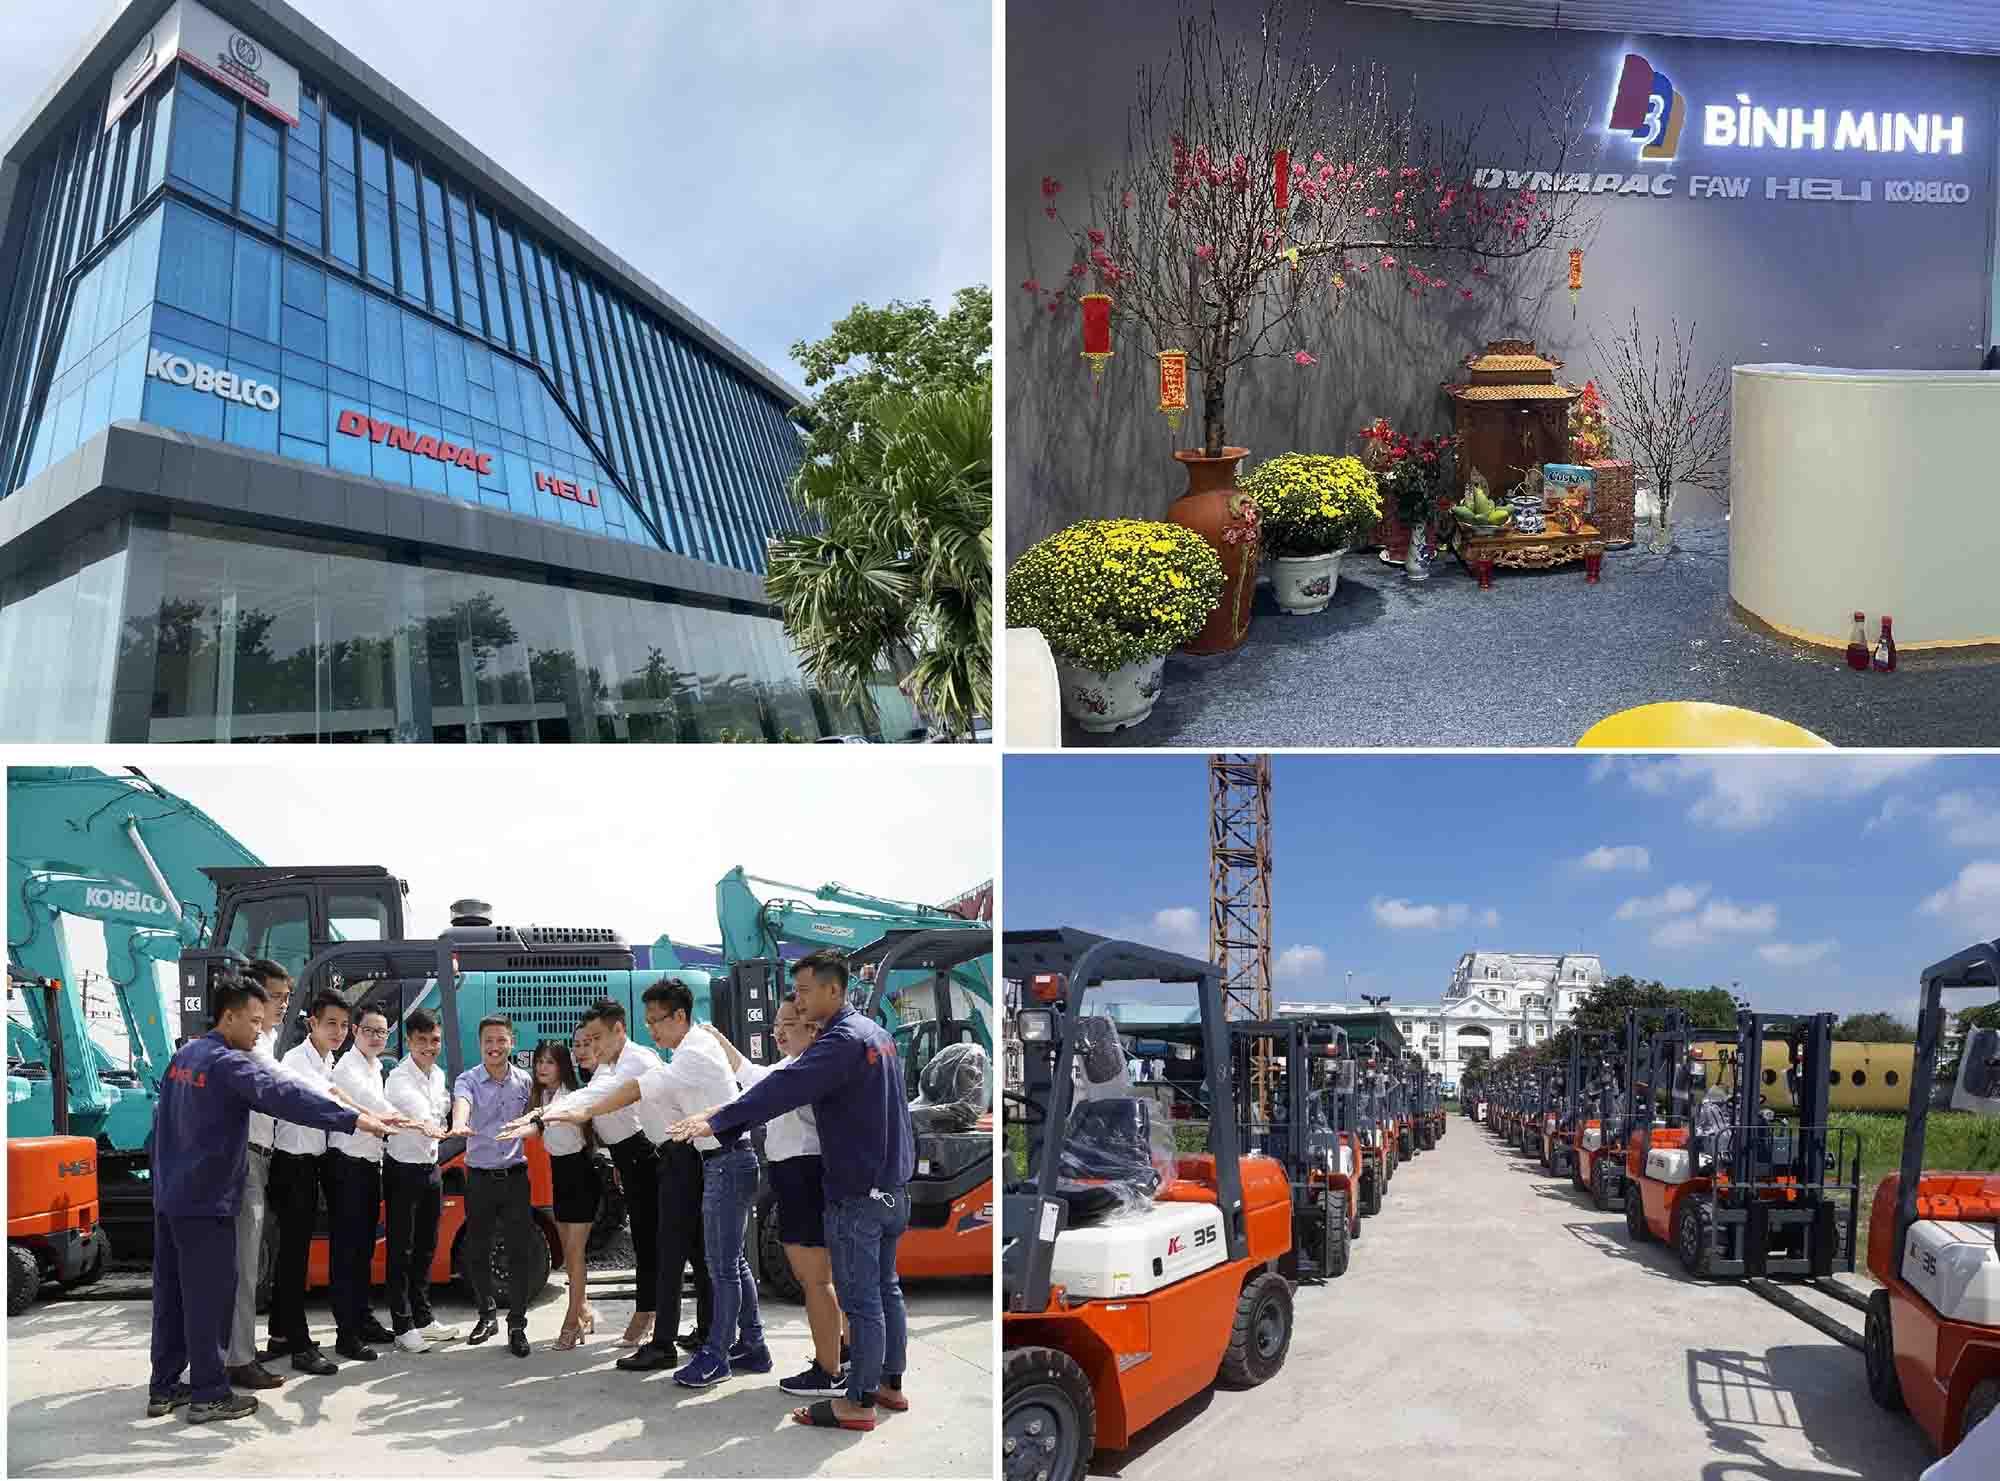 Đại lý phân phối xe nâng Heli tại Việt Nam